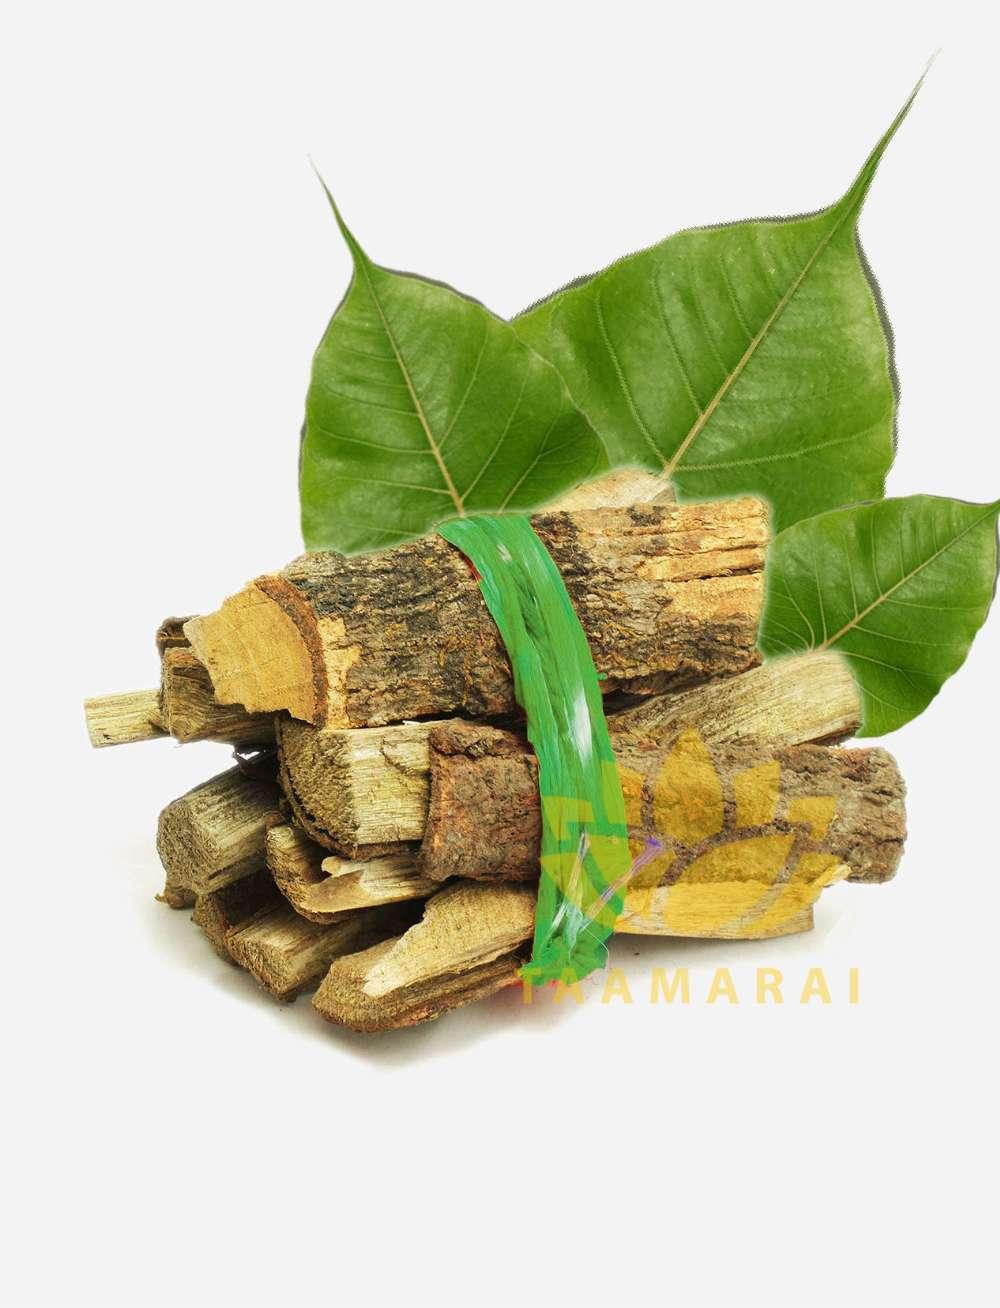 Peepal Tree Sticks-Arasam tree wood sticks